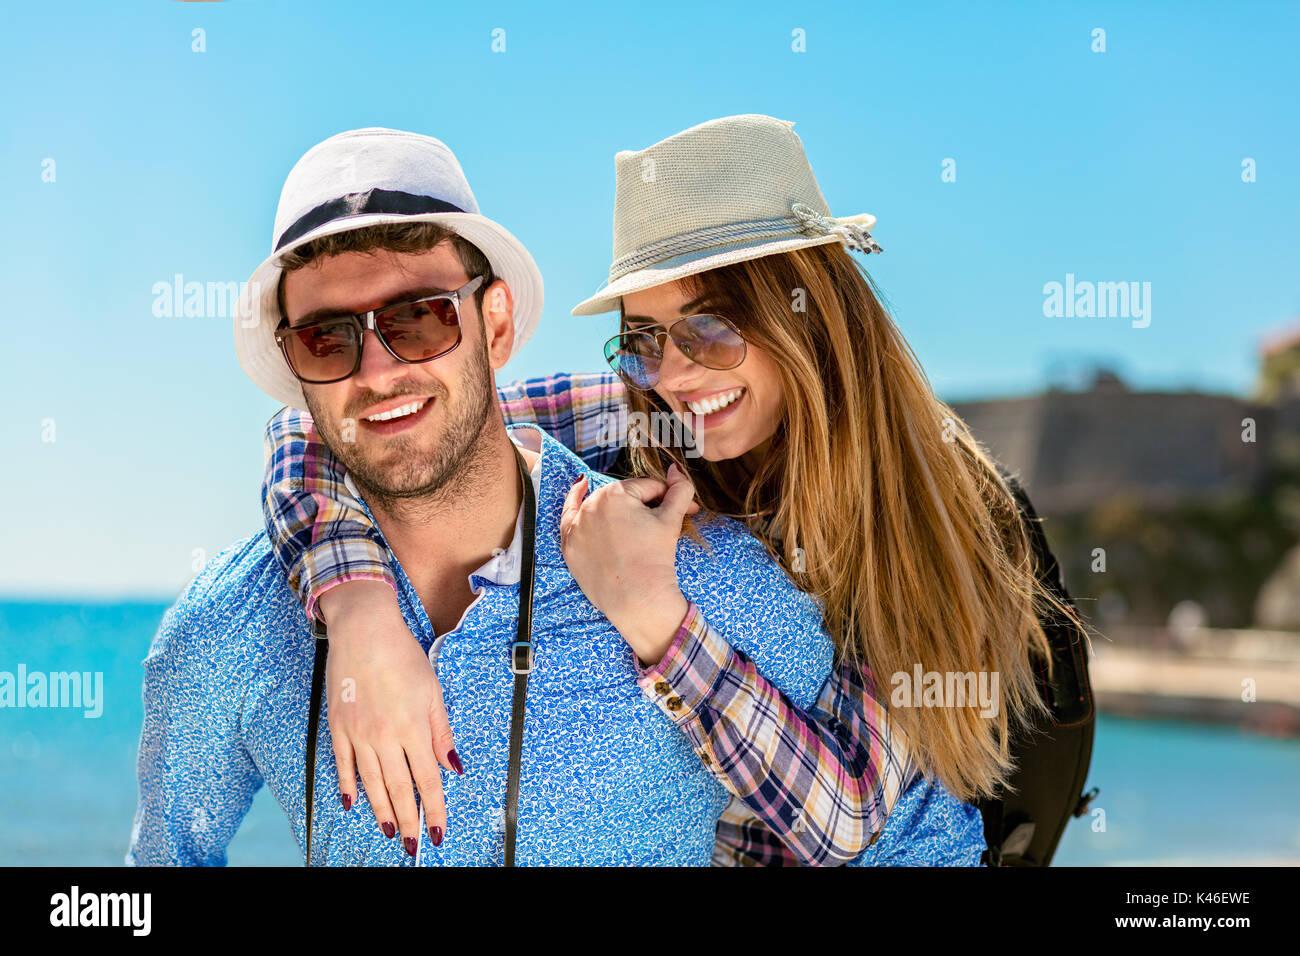 Feliz el hombre lleva a su novia en un viaje combinado ambas sonriendo y mirando muy felices disfrutando de sus vacaciones Imagen De Stock